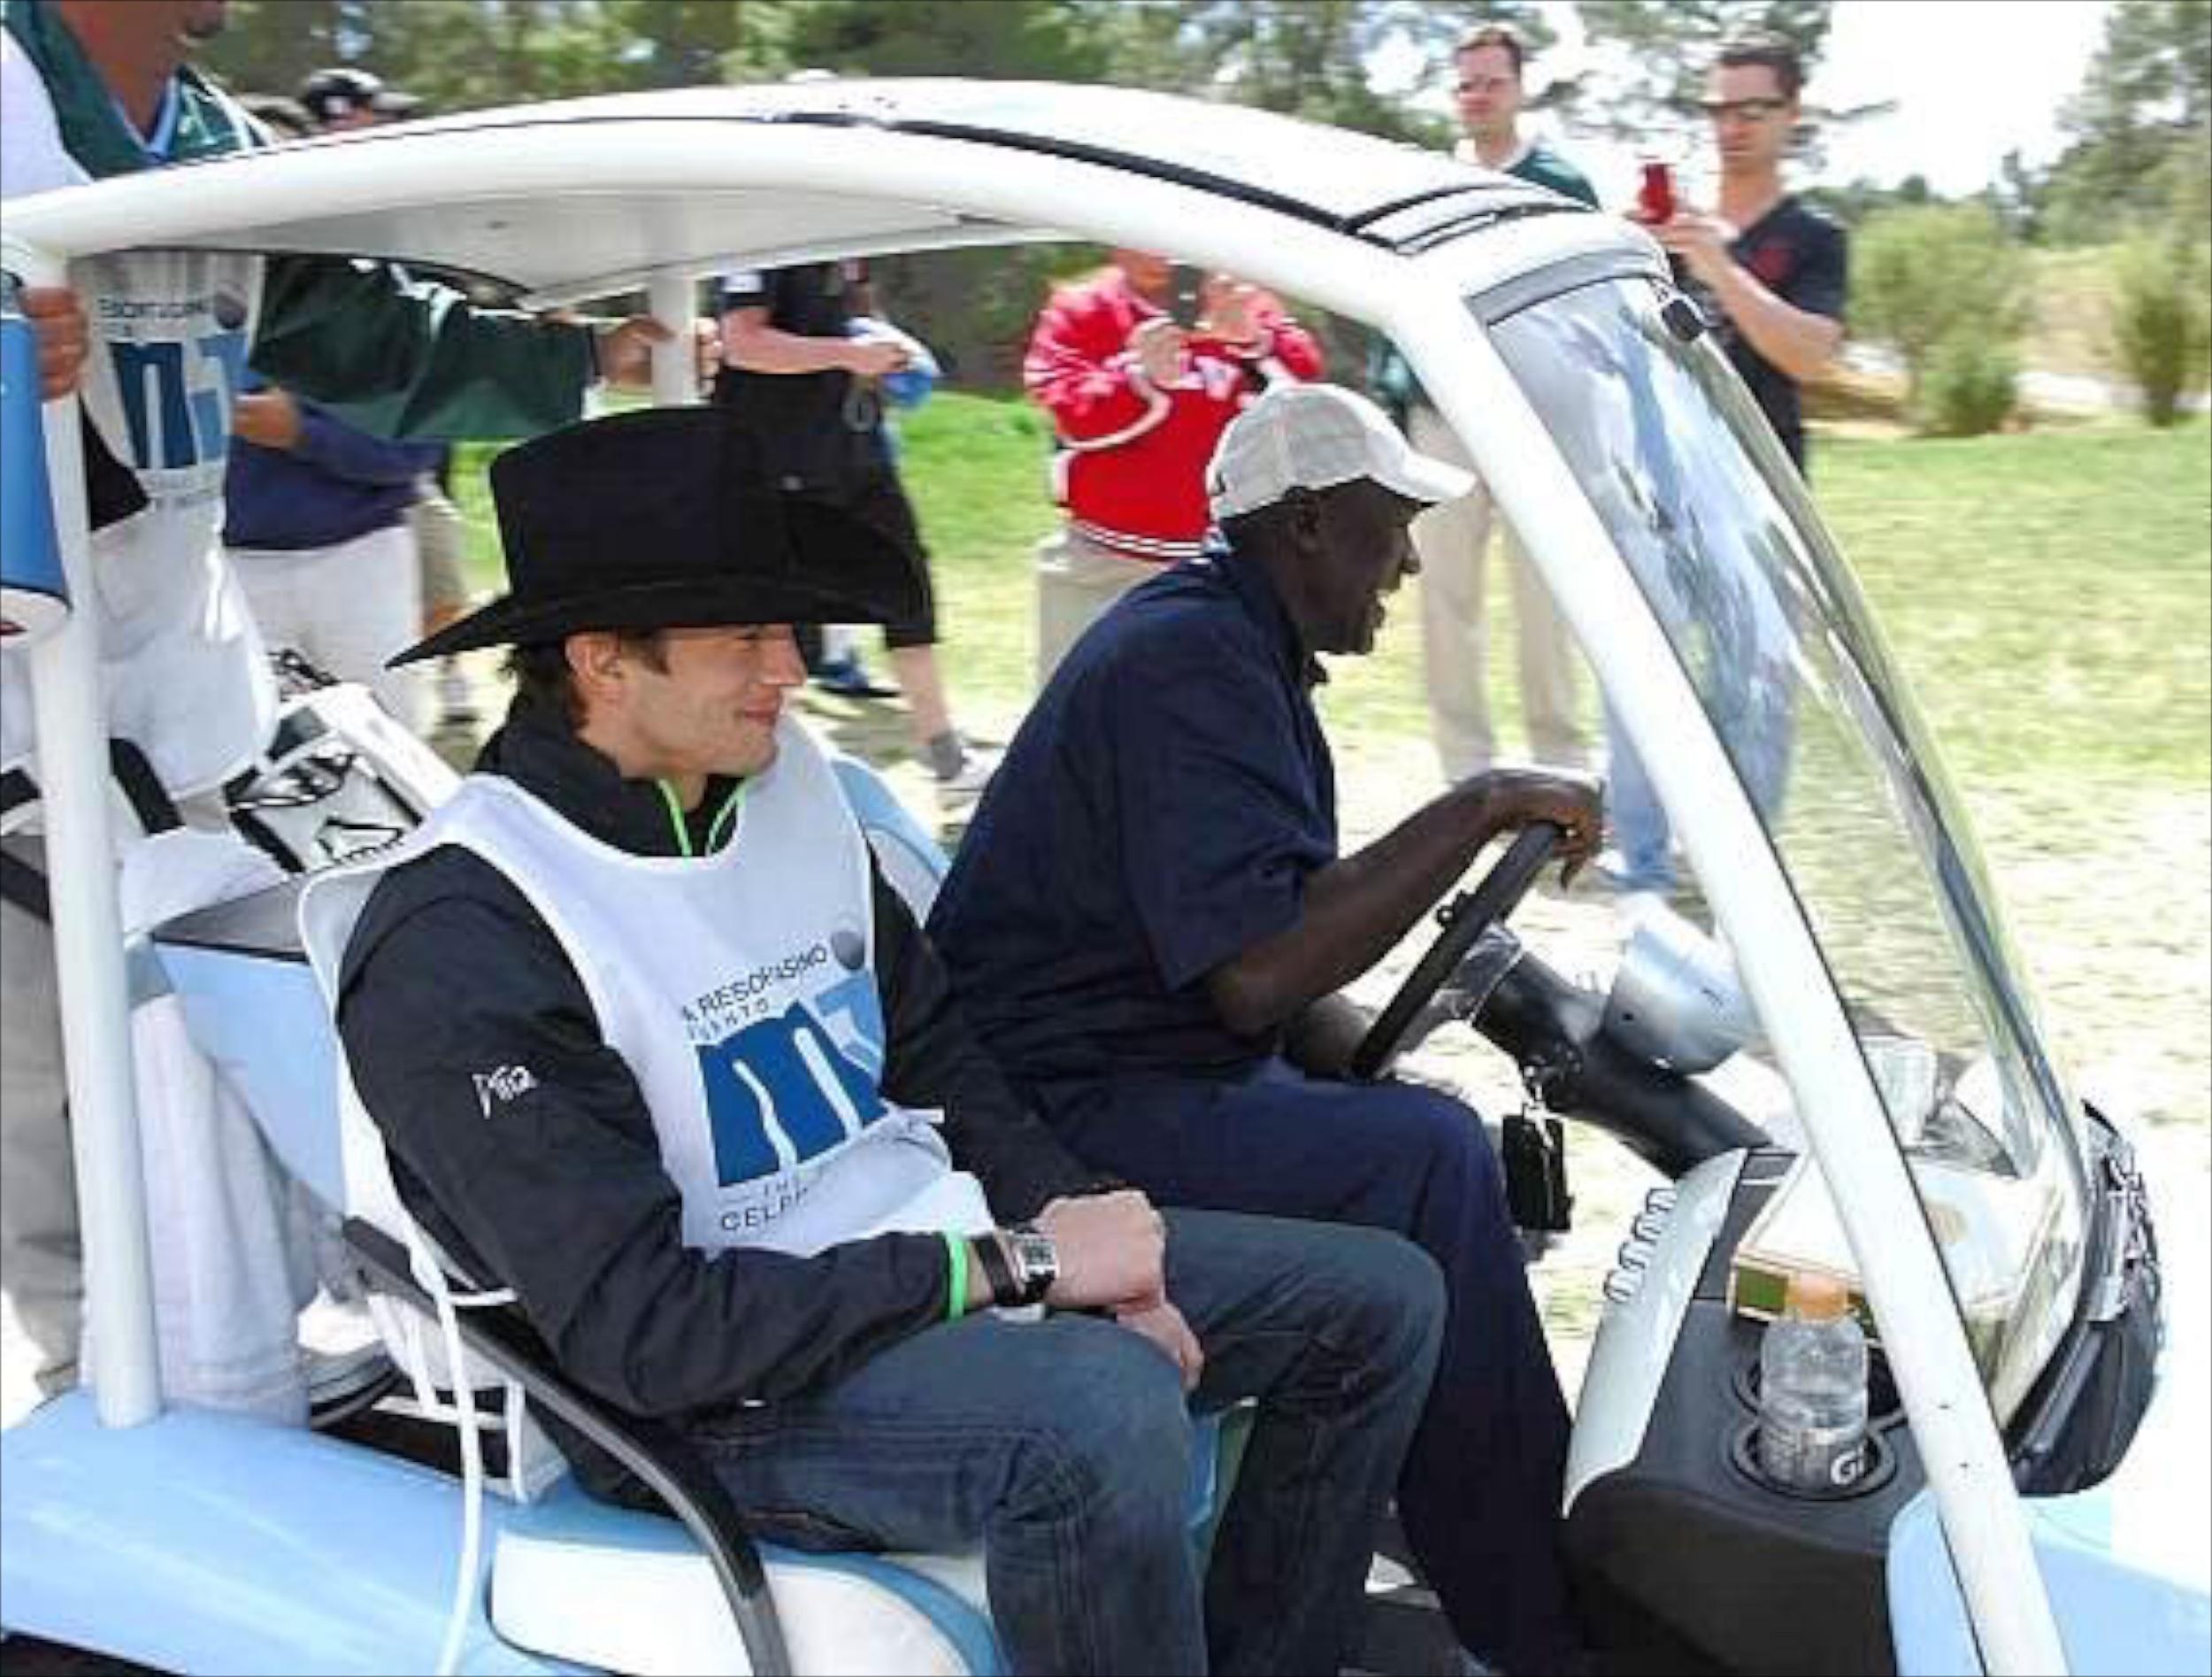 001_Michael Jordan Golf Car-jordan cart 2.jpg